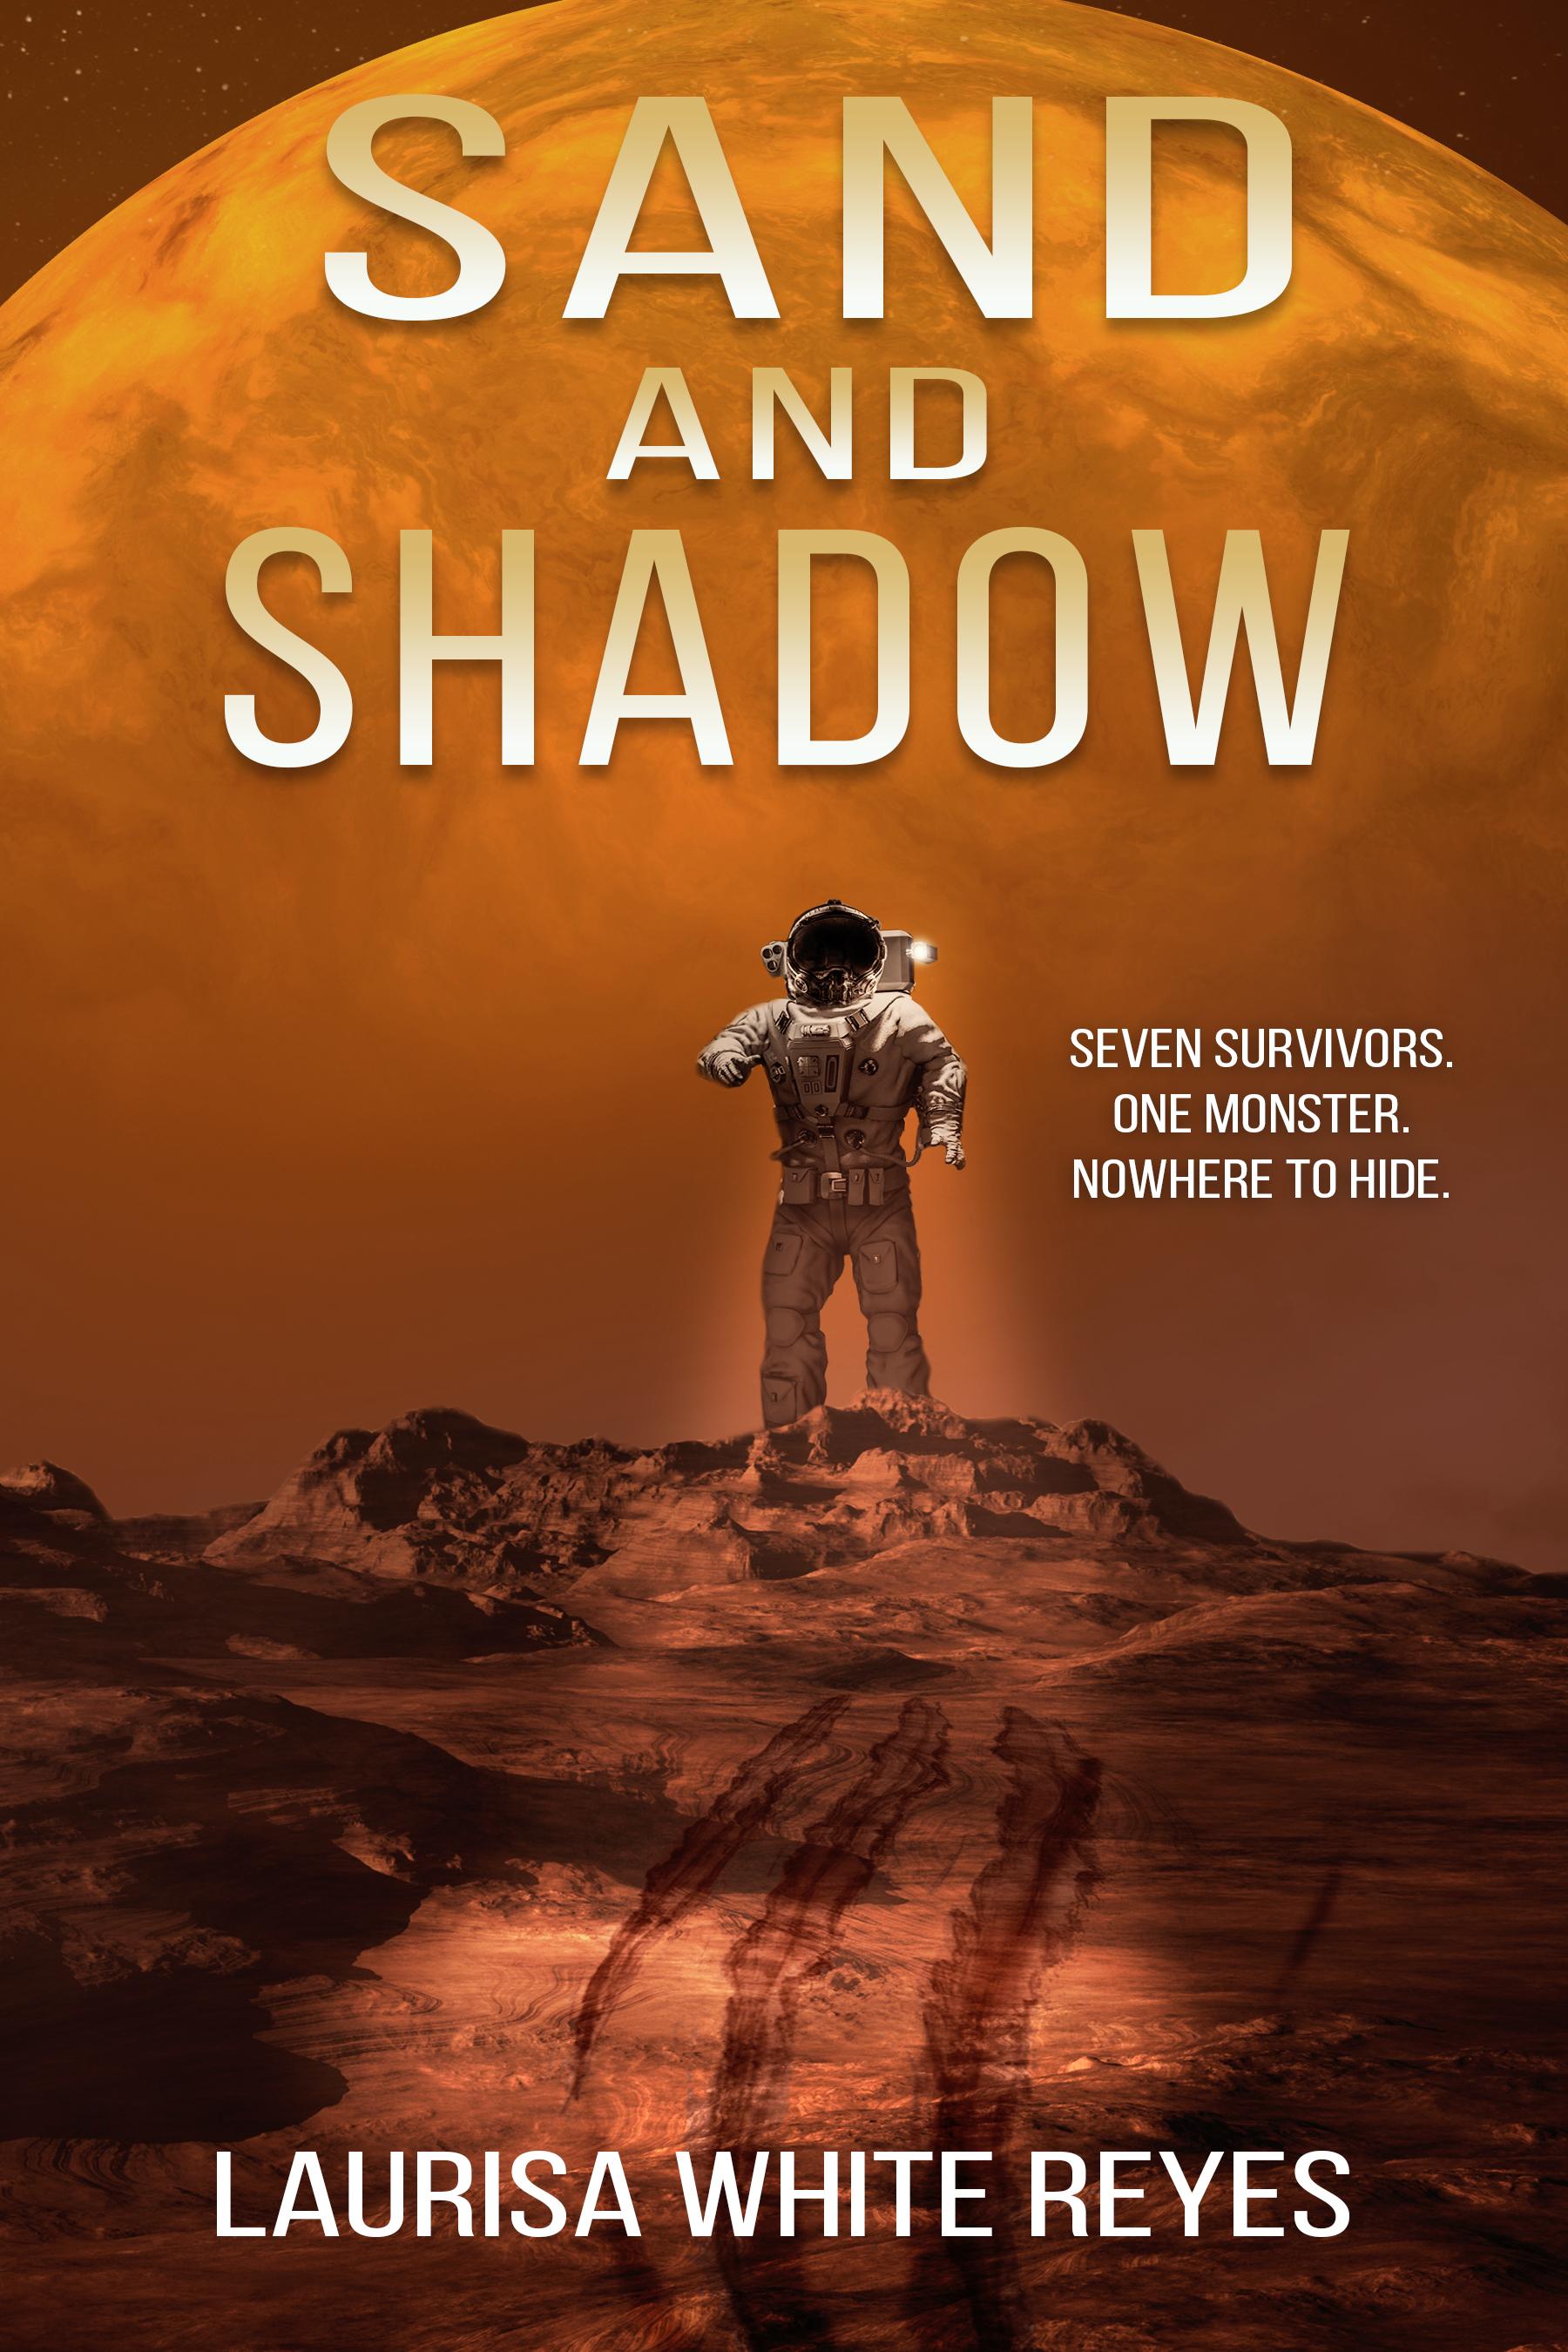 SandandShadowEbook2